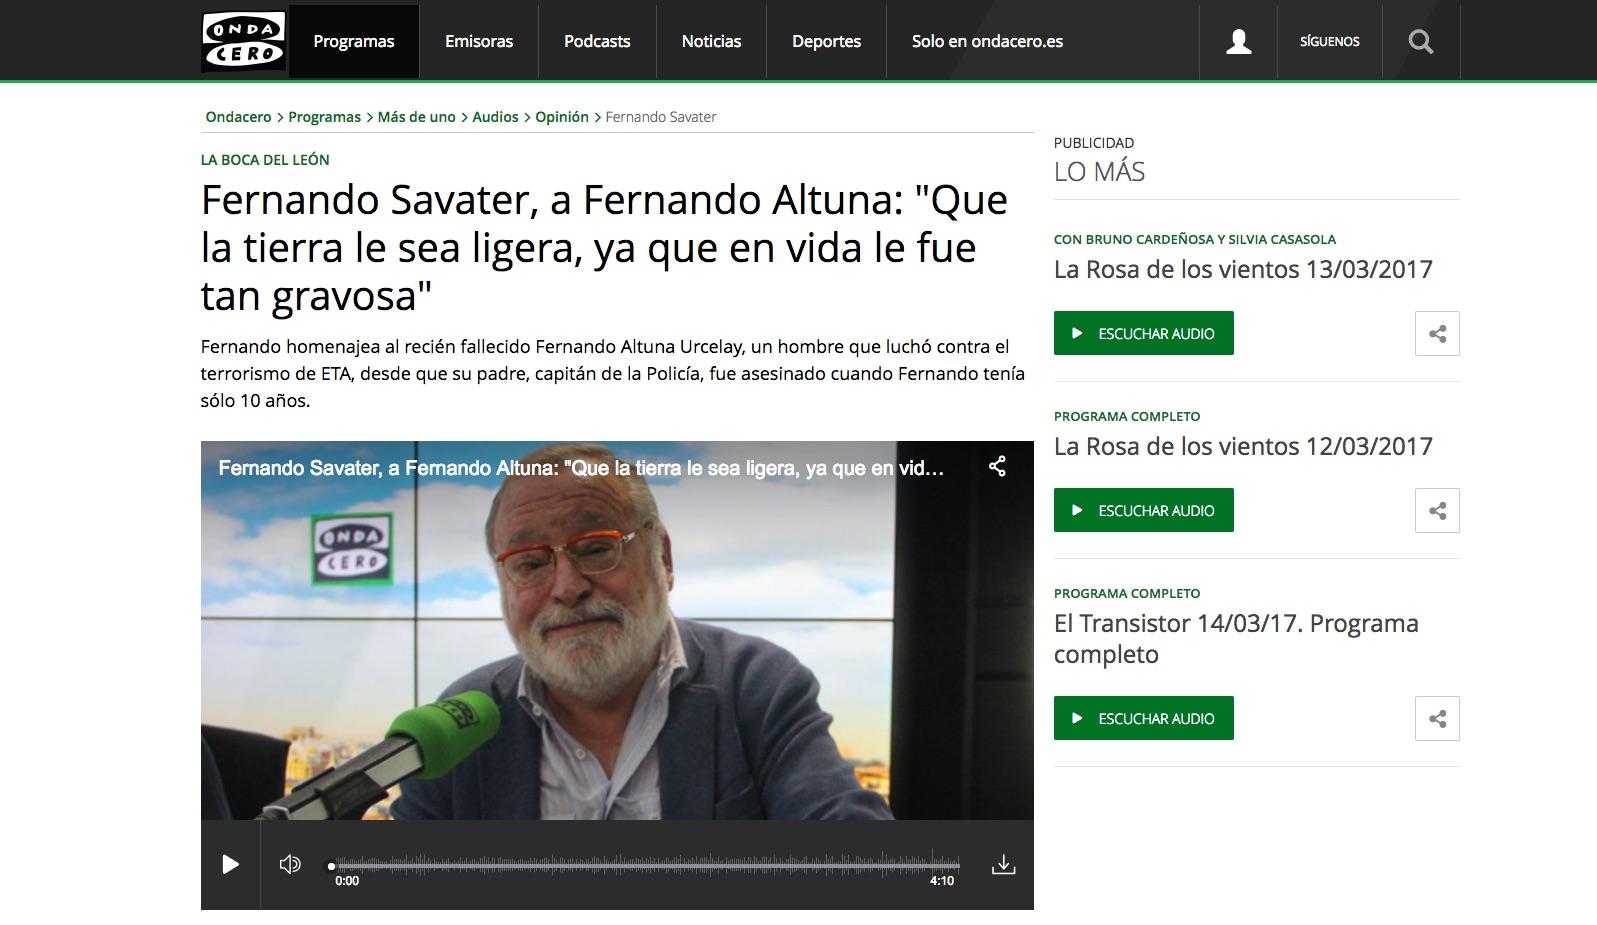 RADIO_ONDA_CERO___Fernando_Savater__a_Fernando_Altuna___Que_la_tierra_le_sea_ligera__ya_que_en_vida_le_fue_tan_gravosa_